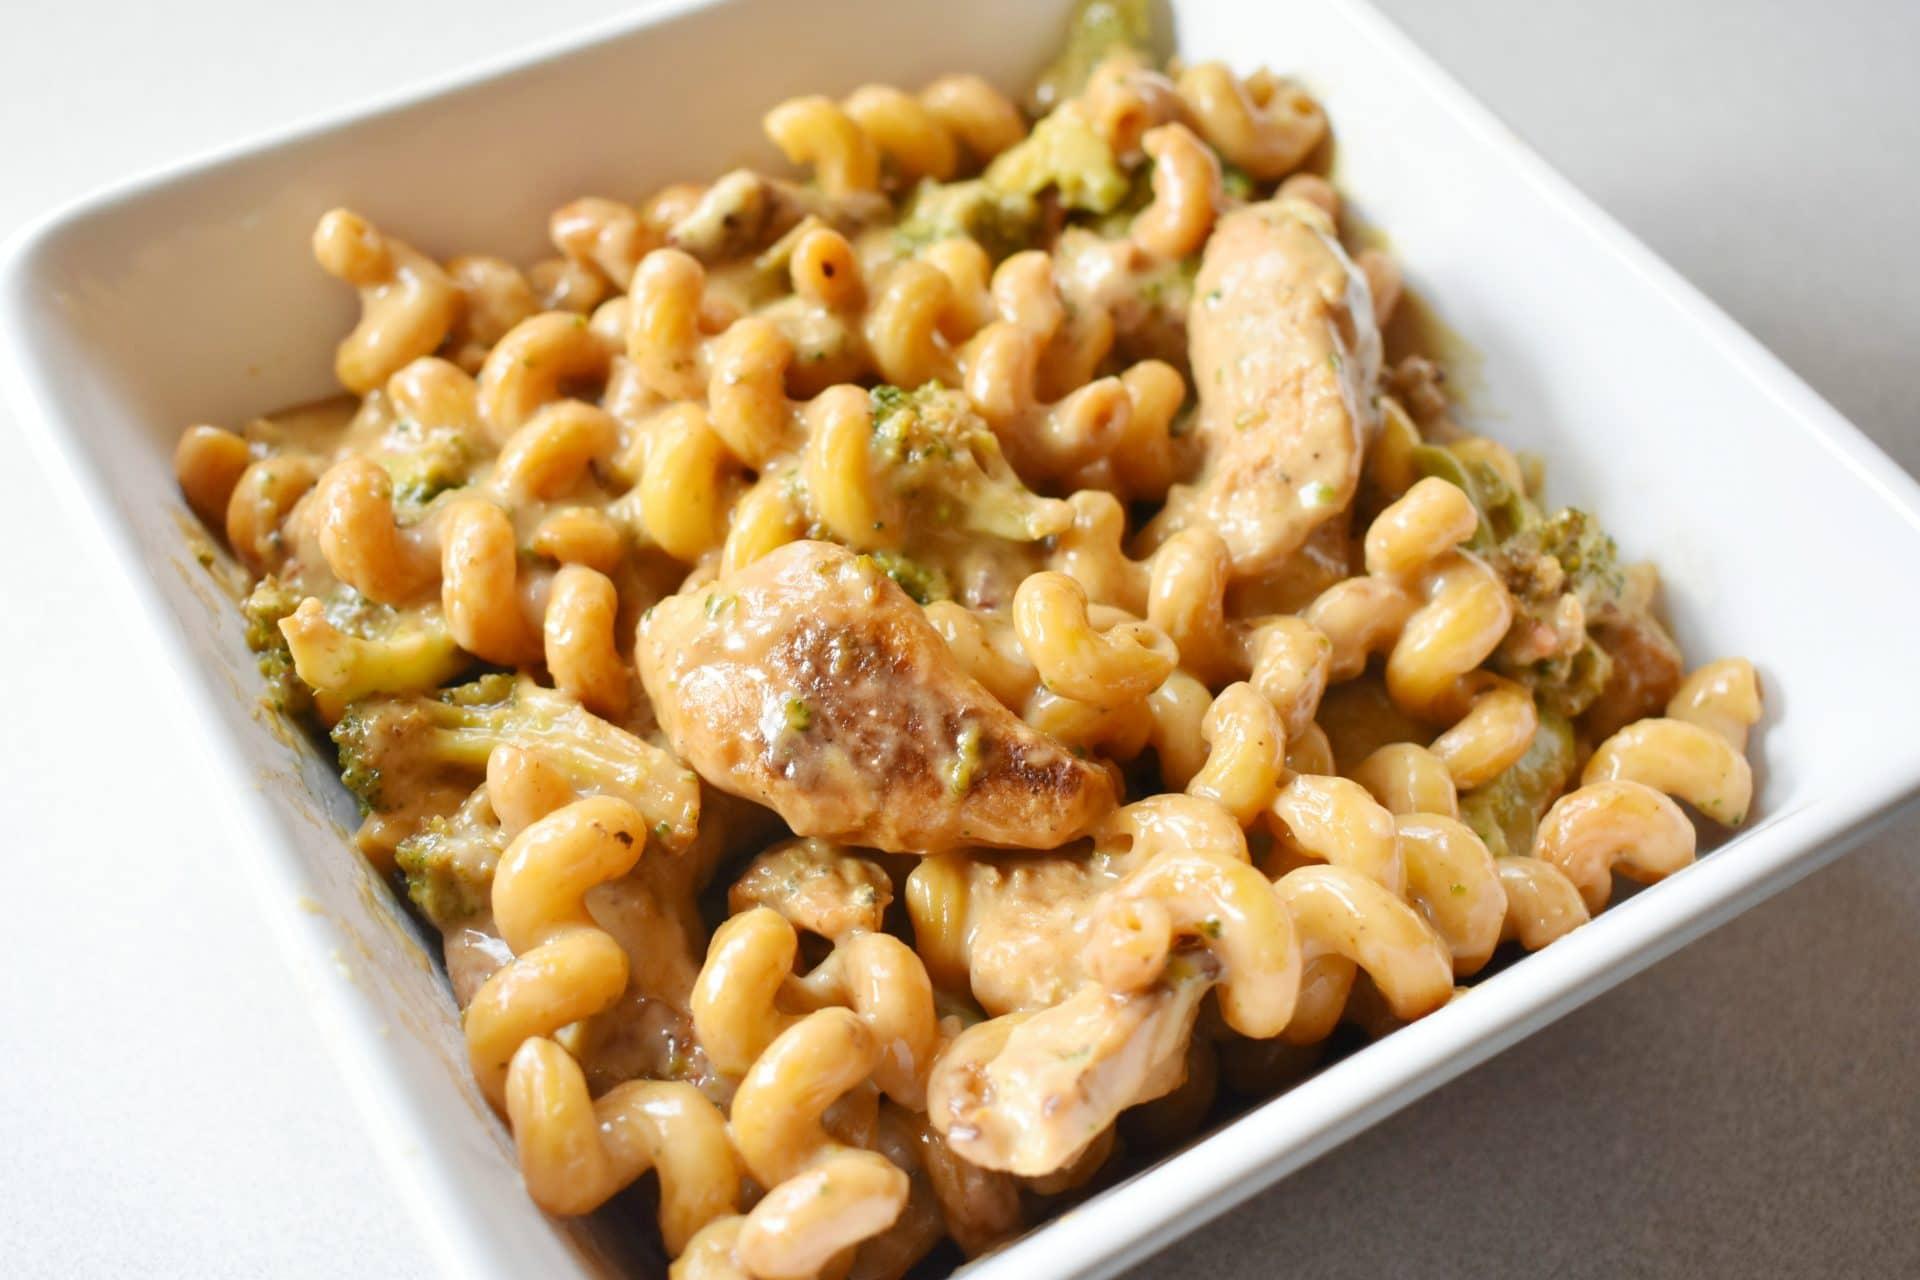 Tyson Frozen Dinner Kit - Four Cheese Chicken & Broccoli Pasta prepared